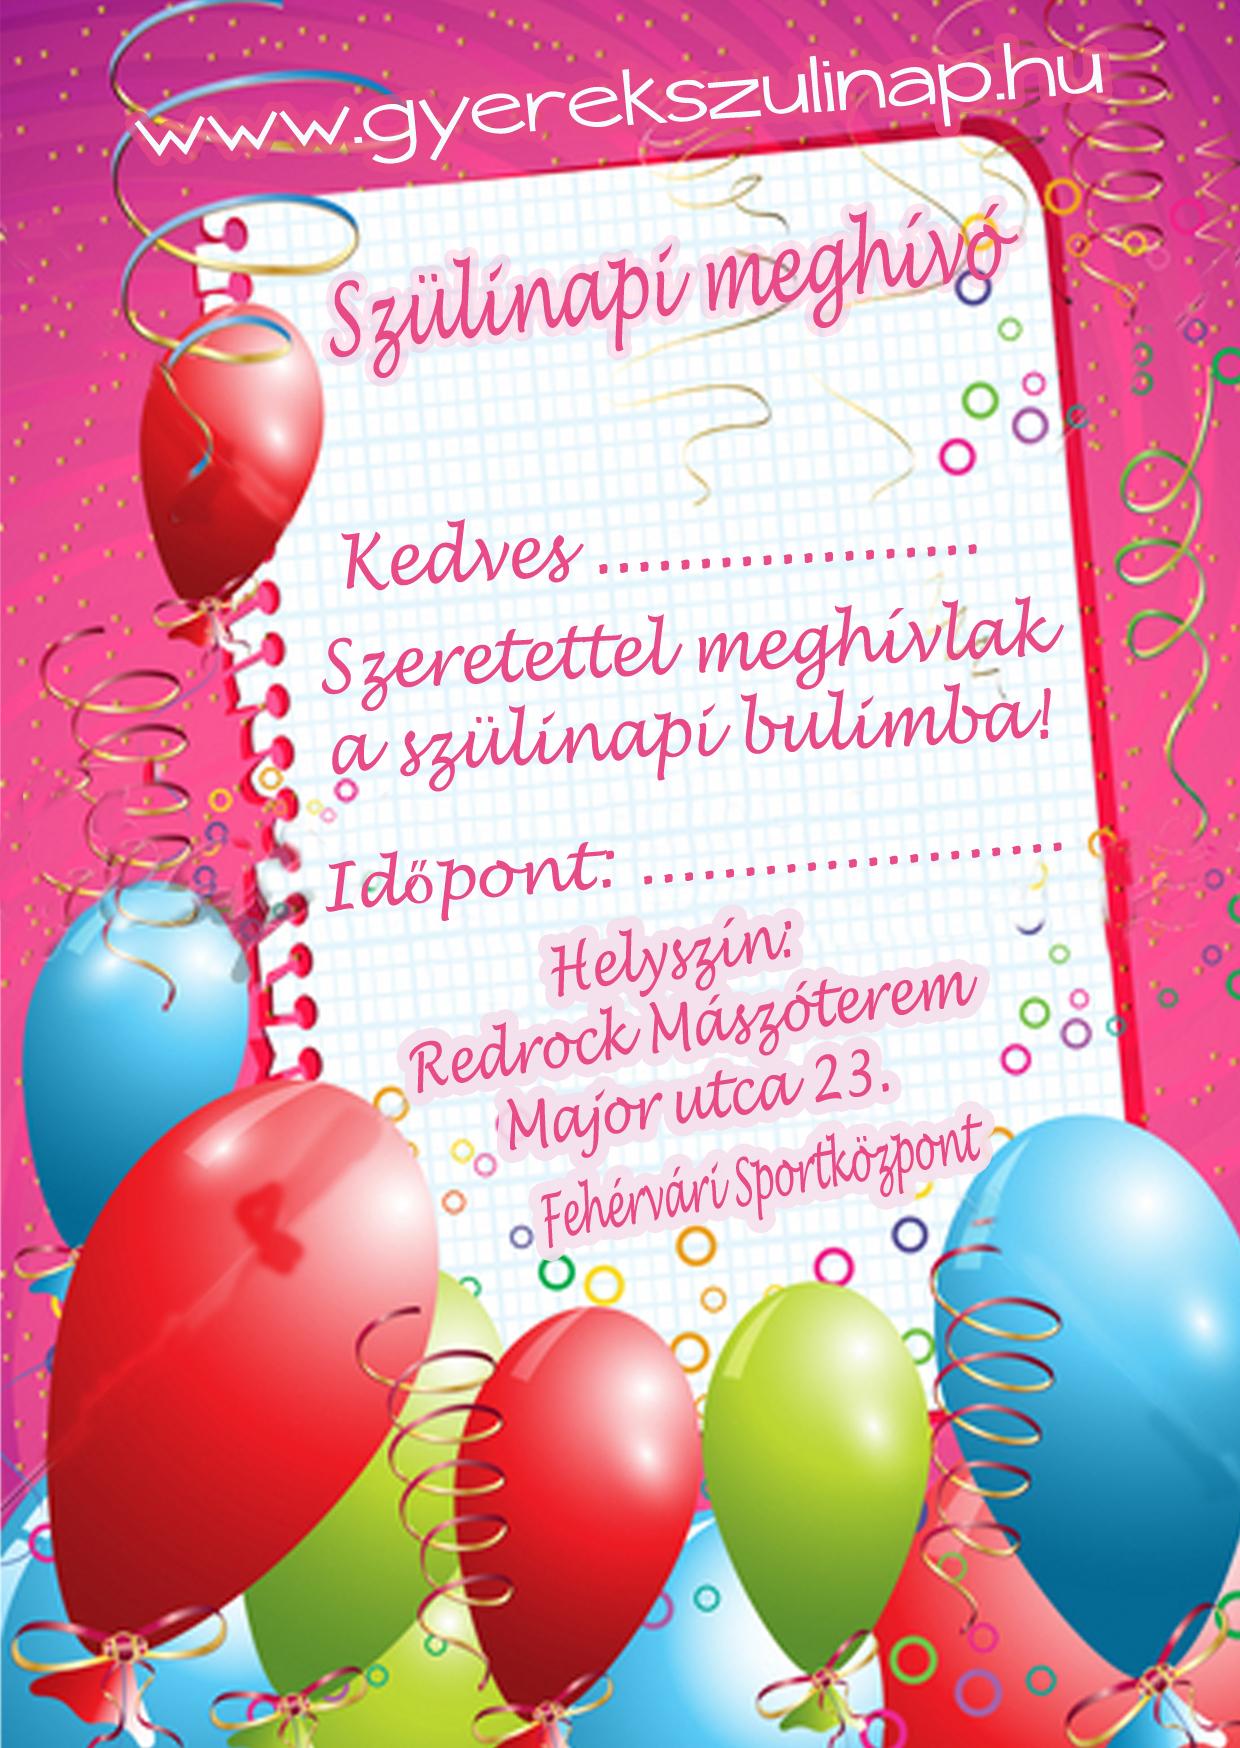 letölthető születésnapi meghívó gyerekeknek Meghívók | Redrock Gyerek Szülinapok letölthető születésnapi meghívó gyerekeknek